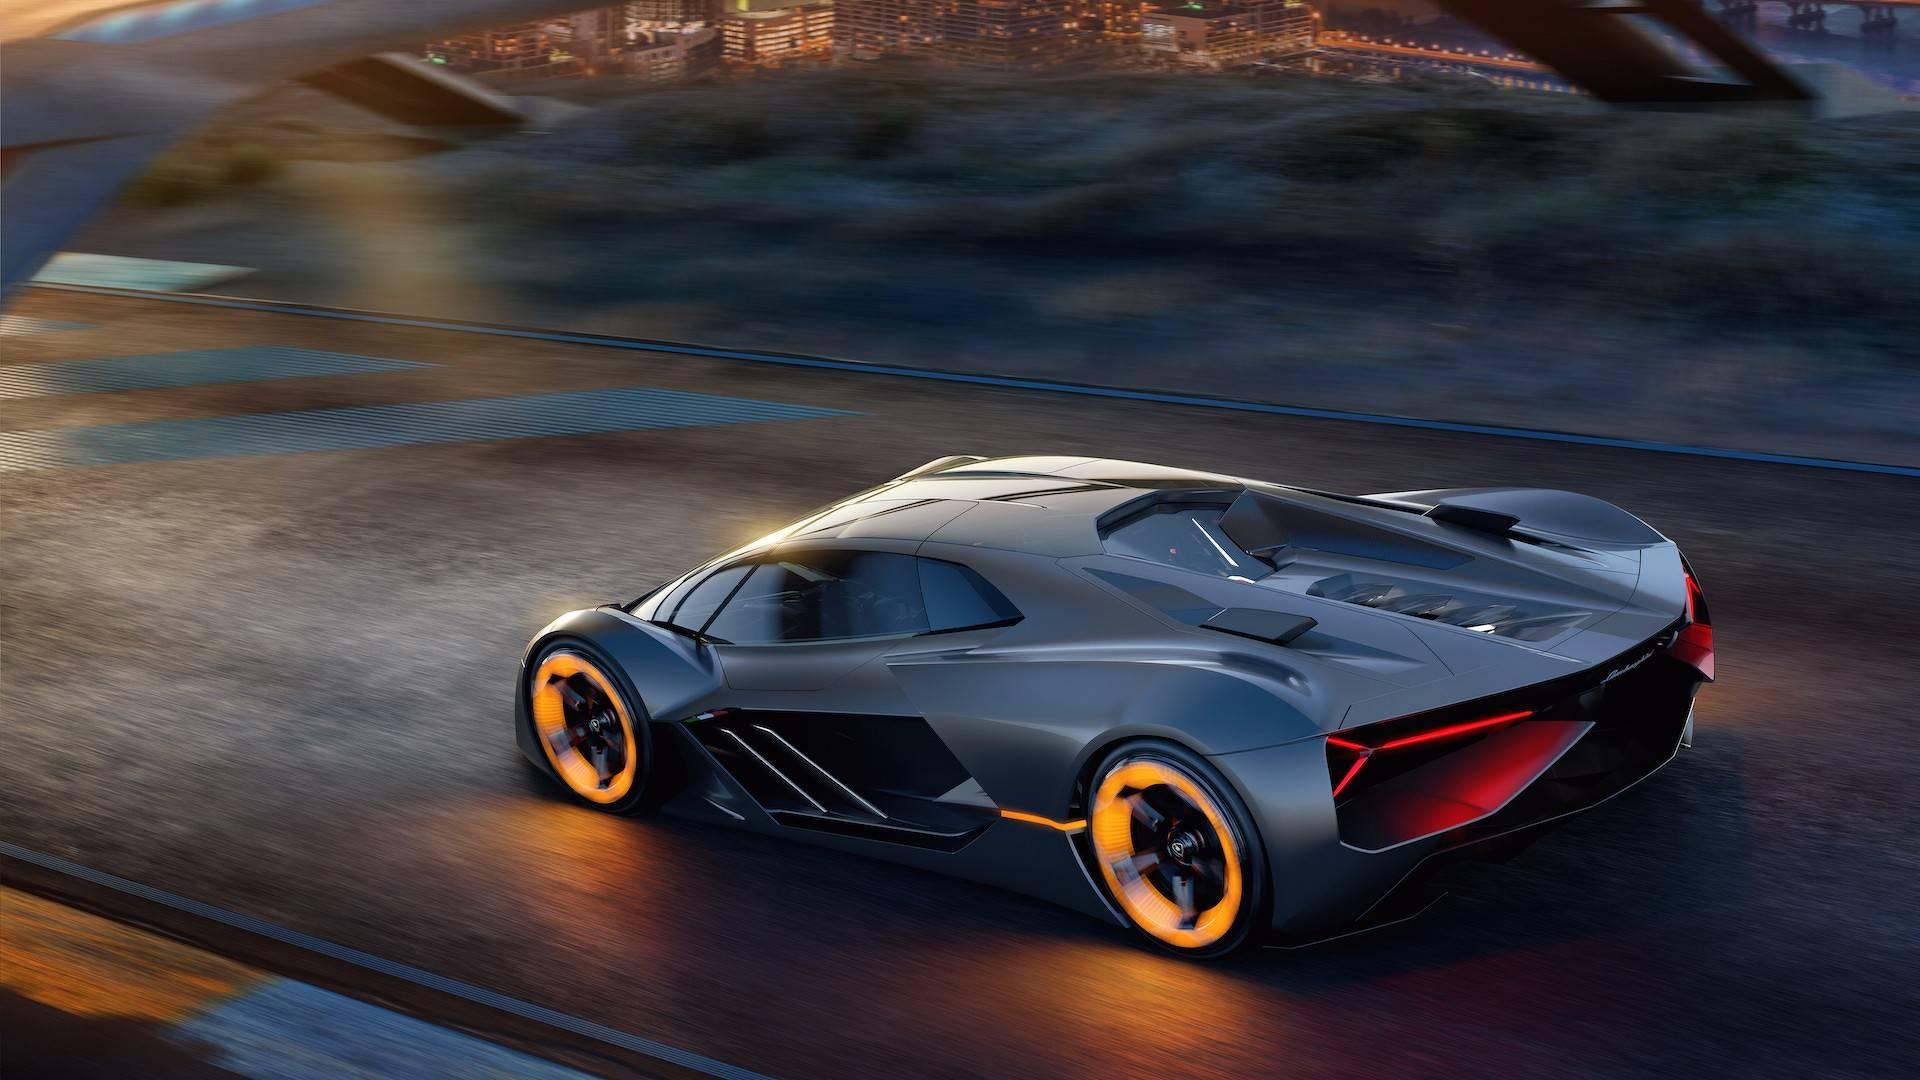 Lamborghini Terzo Millennio Nissan Gt R Porsche 911 Gt2 Rs This